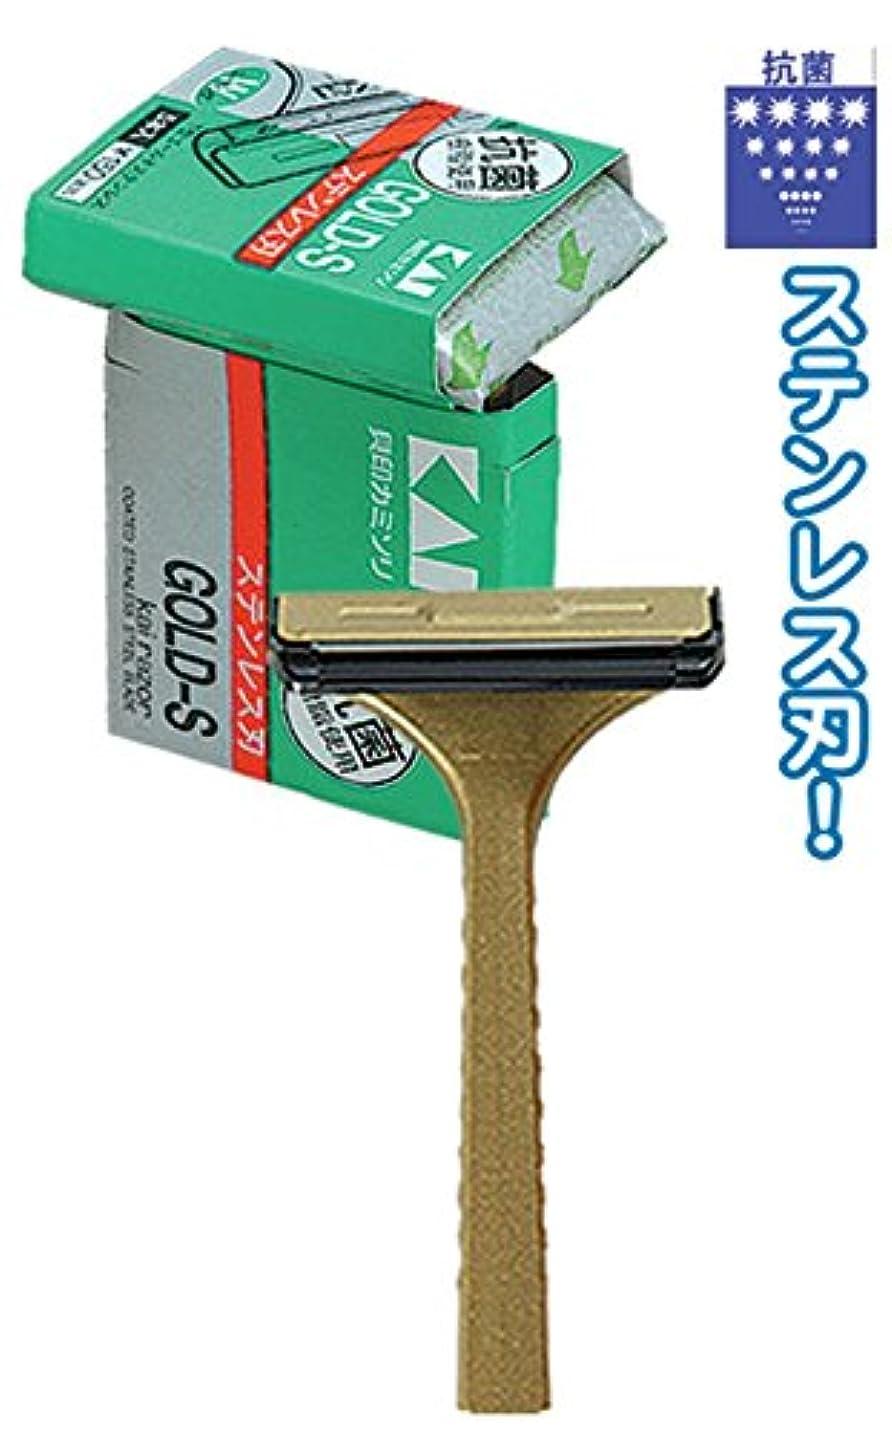 教授謎バケツ貝印00-508 T型ゴールドステンレス(5P) 【まとめ買い20個セット】 21-025